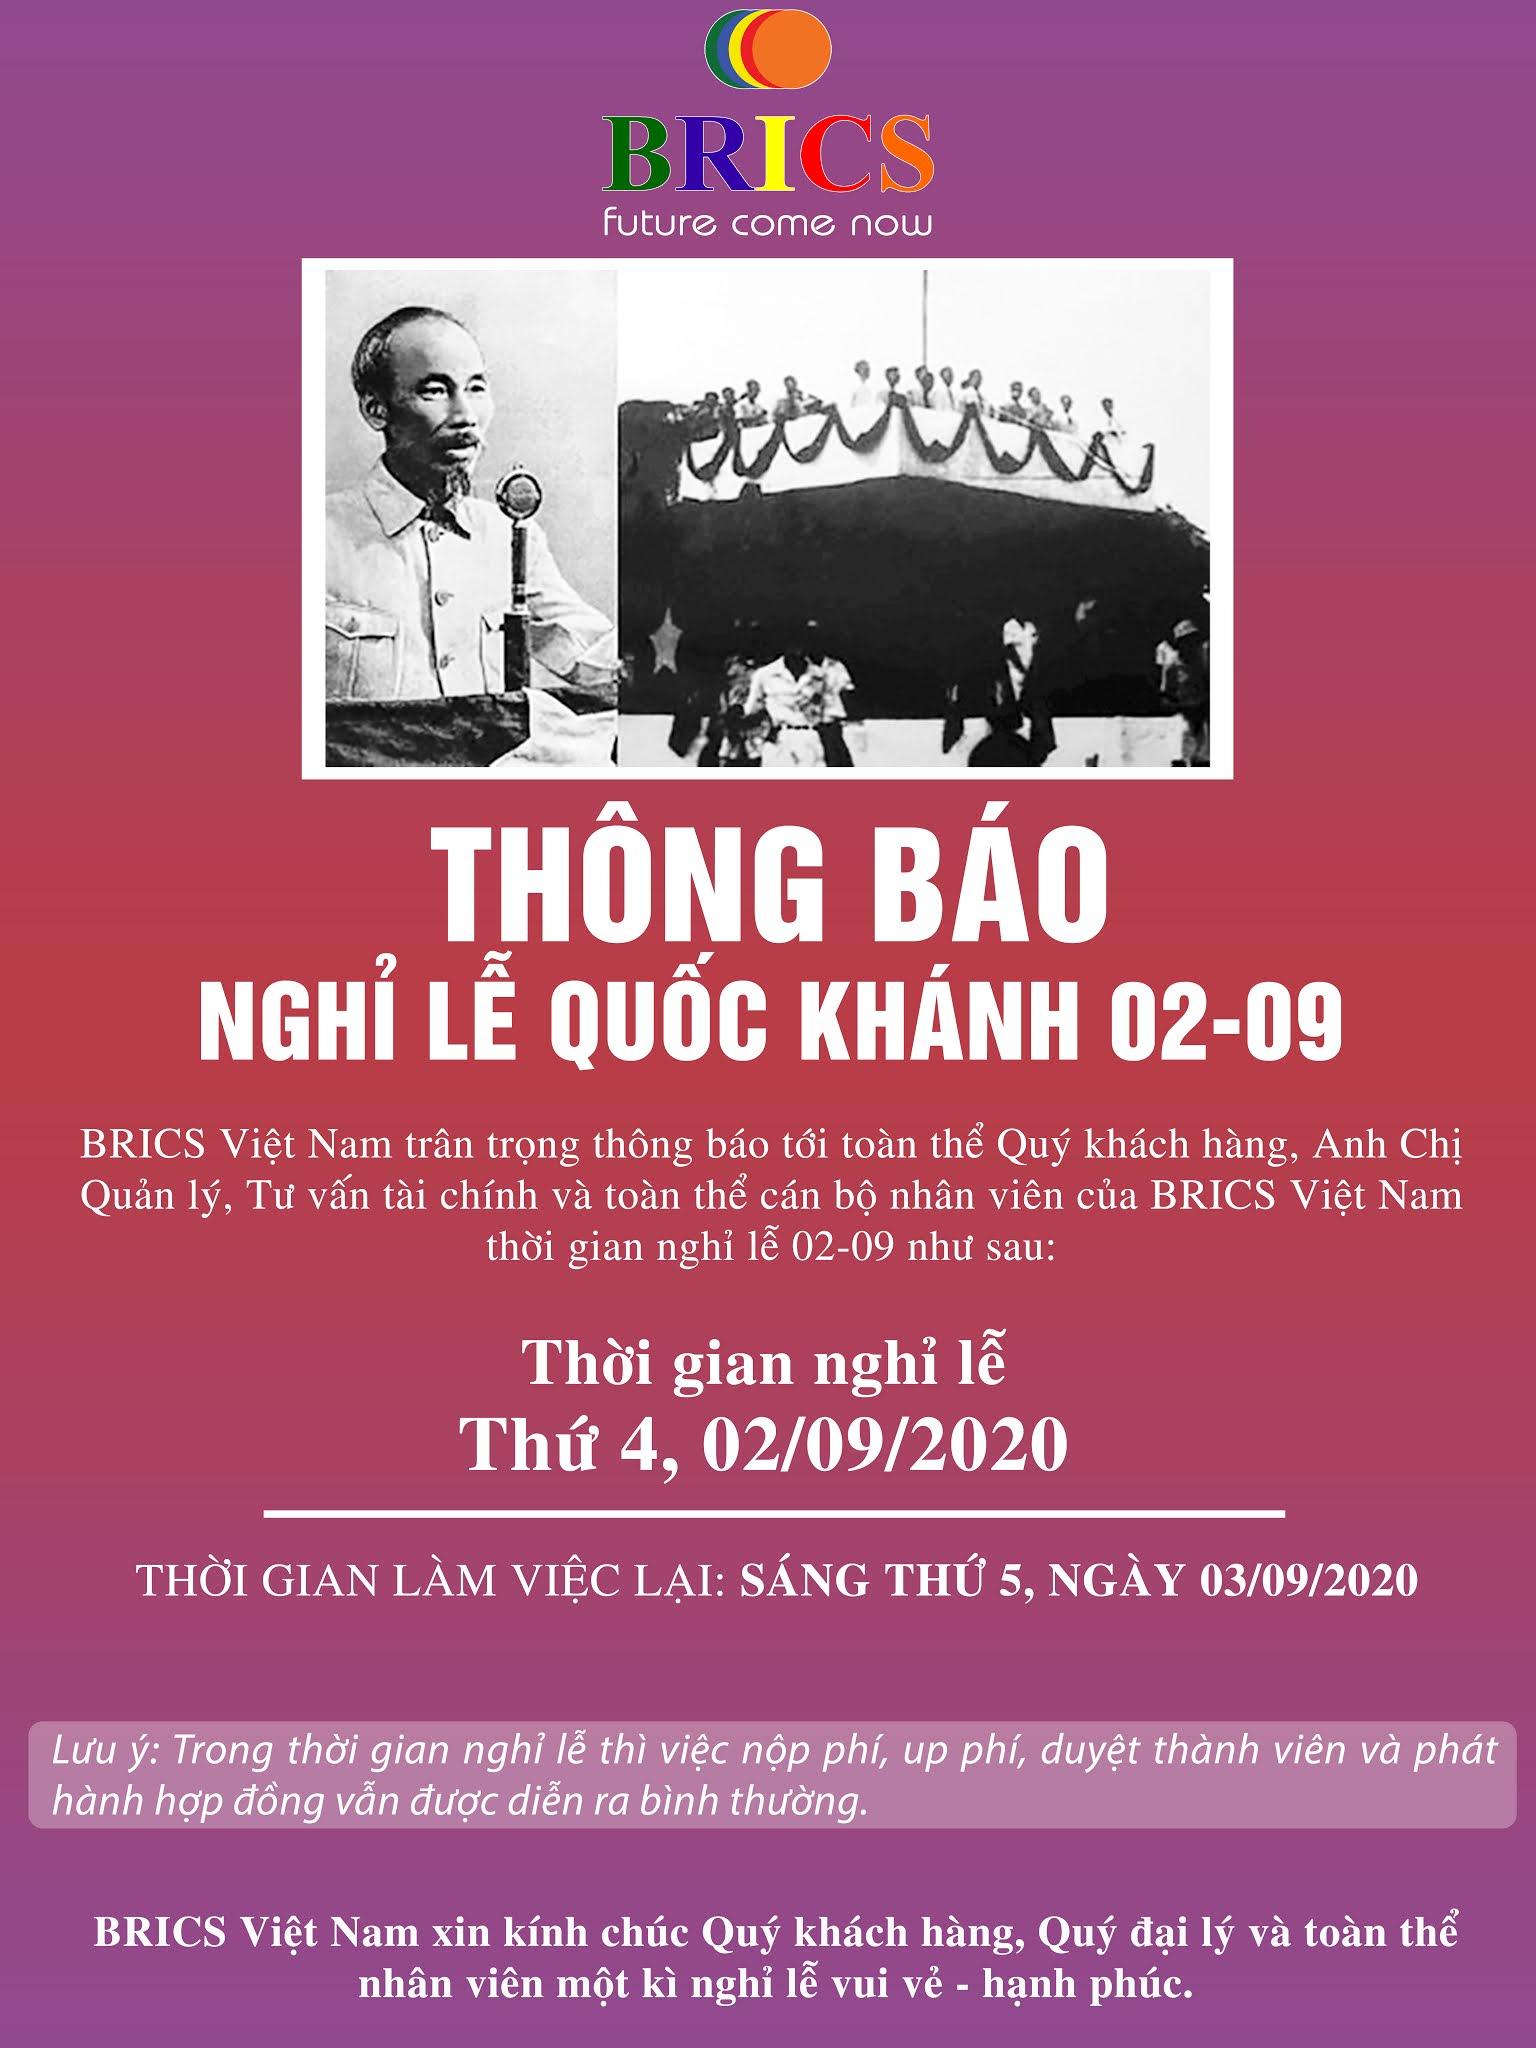 THÔNG BÁO NGHỈ LỄ QUỐC KHÁNH 02-09-2020